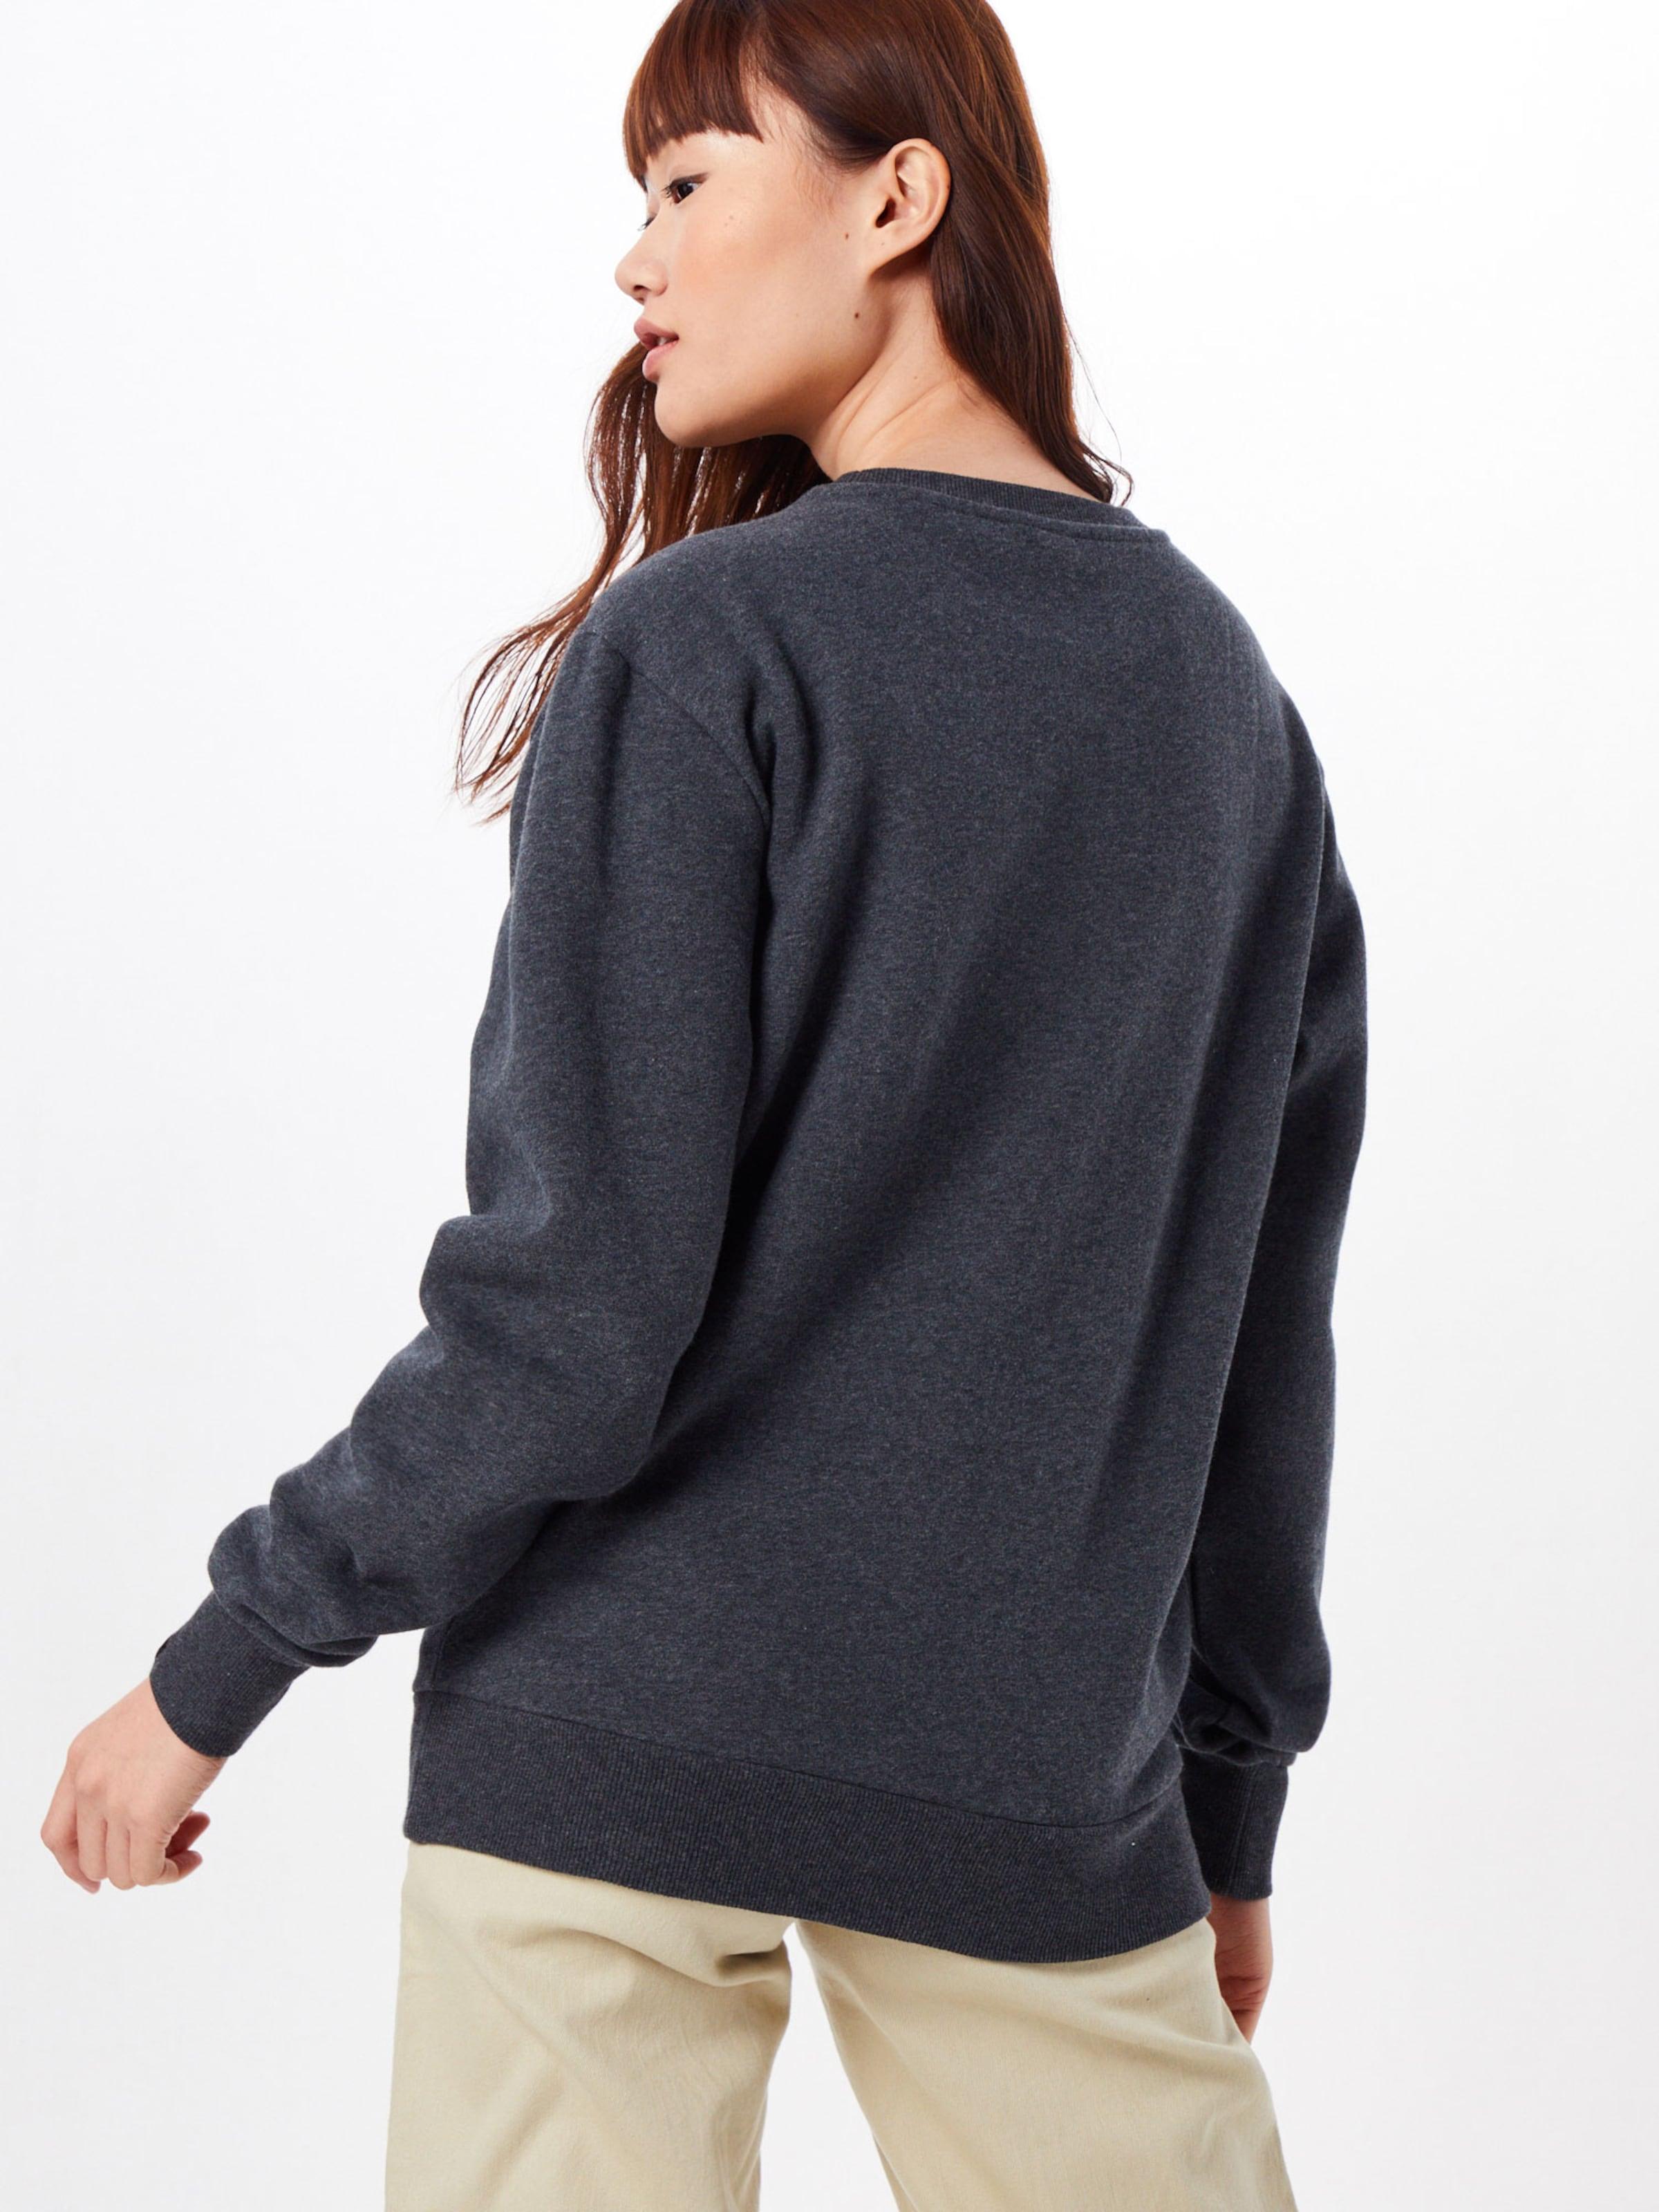 'haverford' Sweatshirt Dunkelgrau In In 'haverford' Ellesse Ellesse Sweatshirt nO8k0Pw